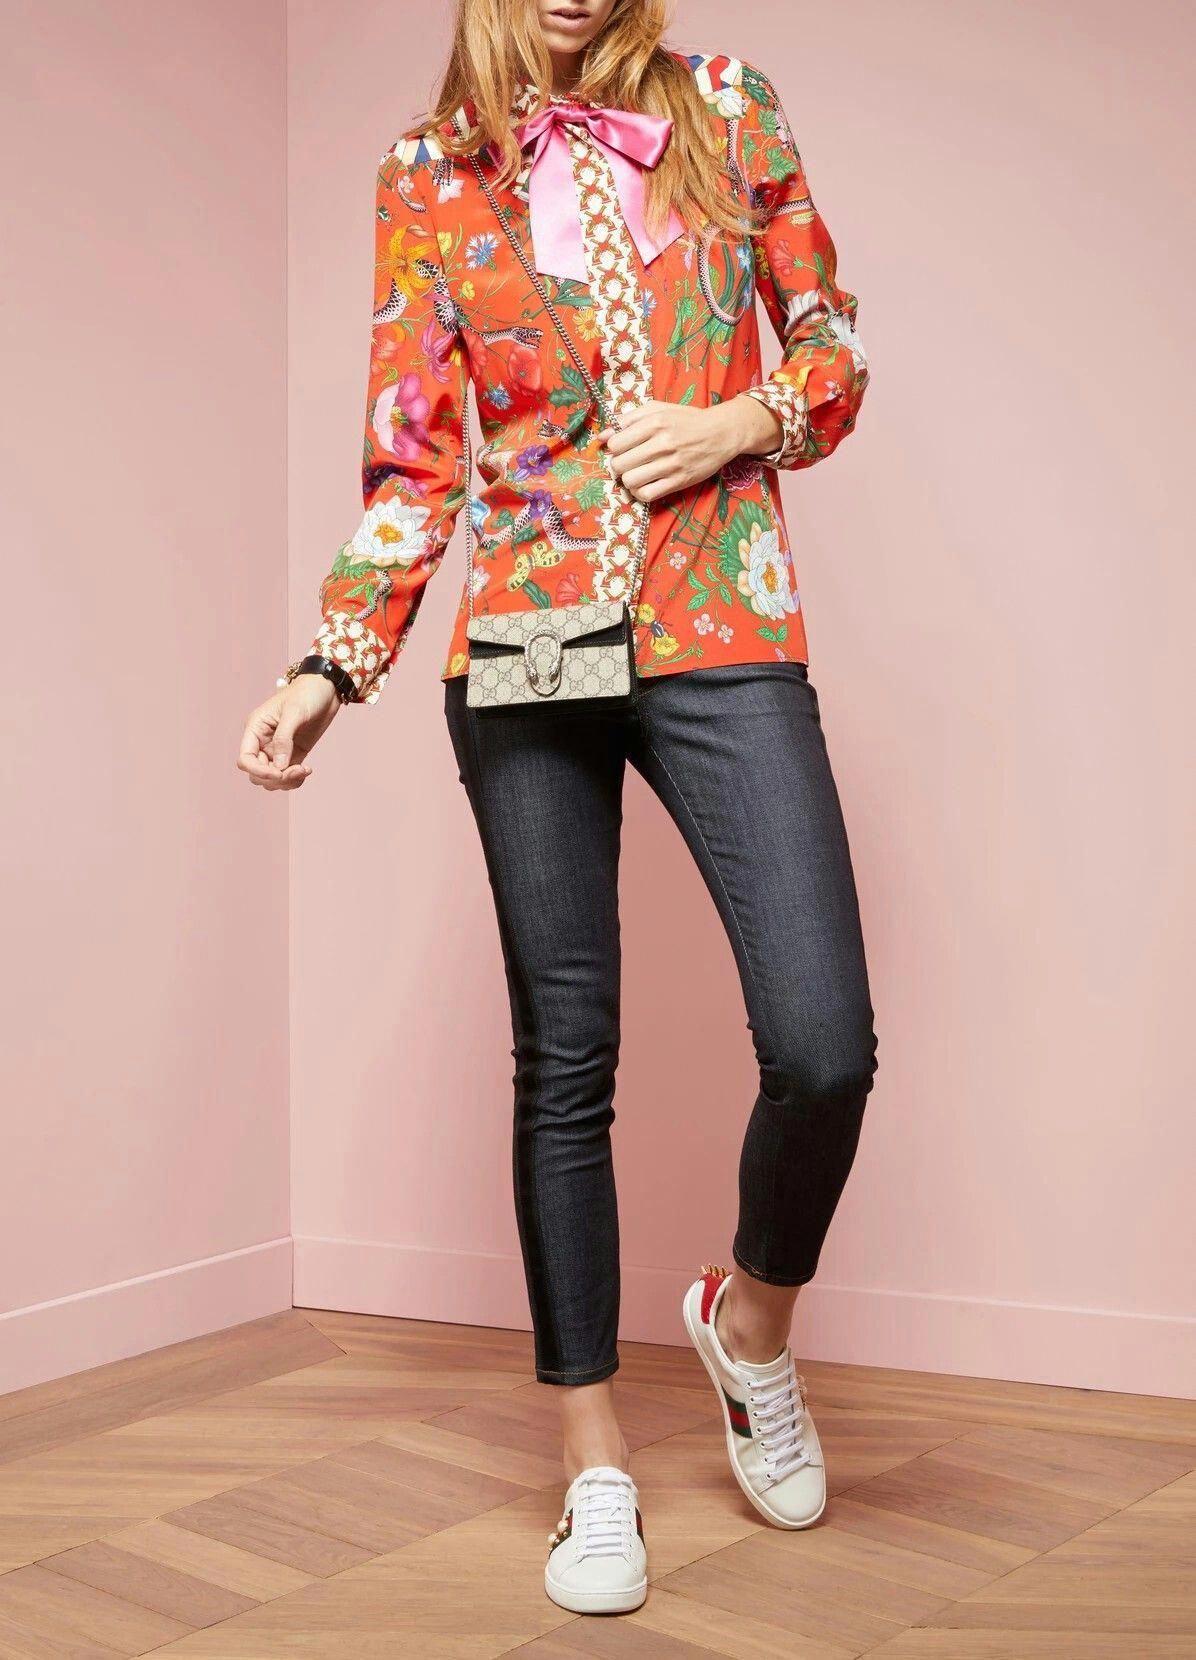 392248aac55c Dionysus GG Supreme Super Mini Bag #Guccihandbags | Gucci handbags ...